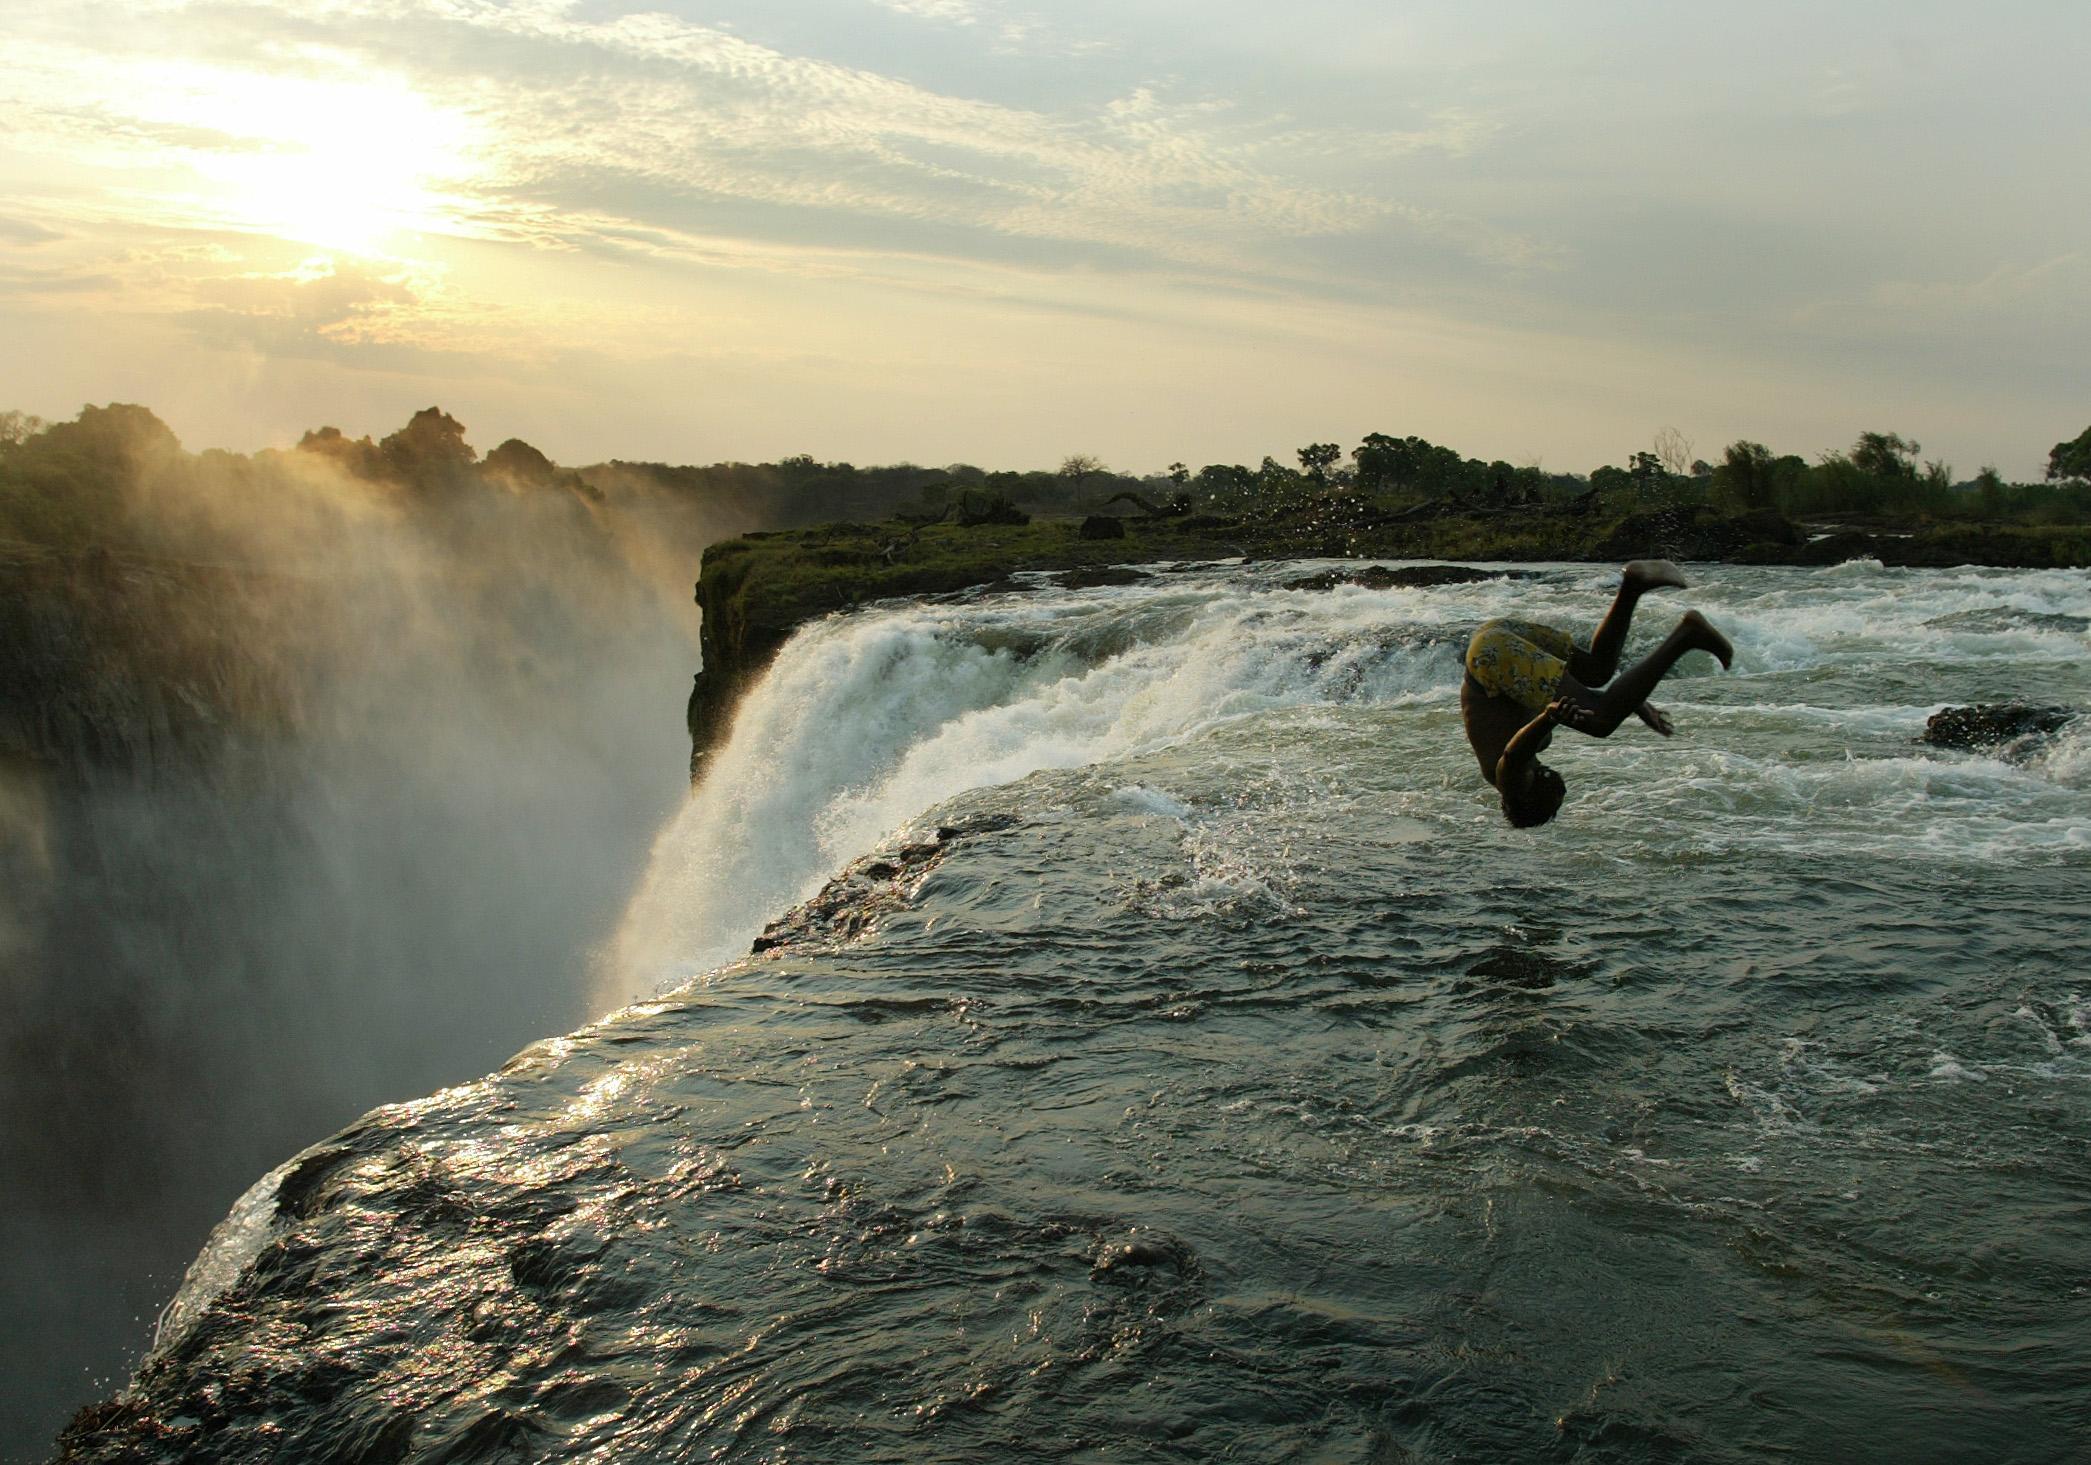 Zambian man somersaults into a pool at edge of Victoria Falls on the Zambezi River